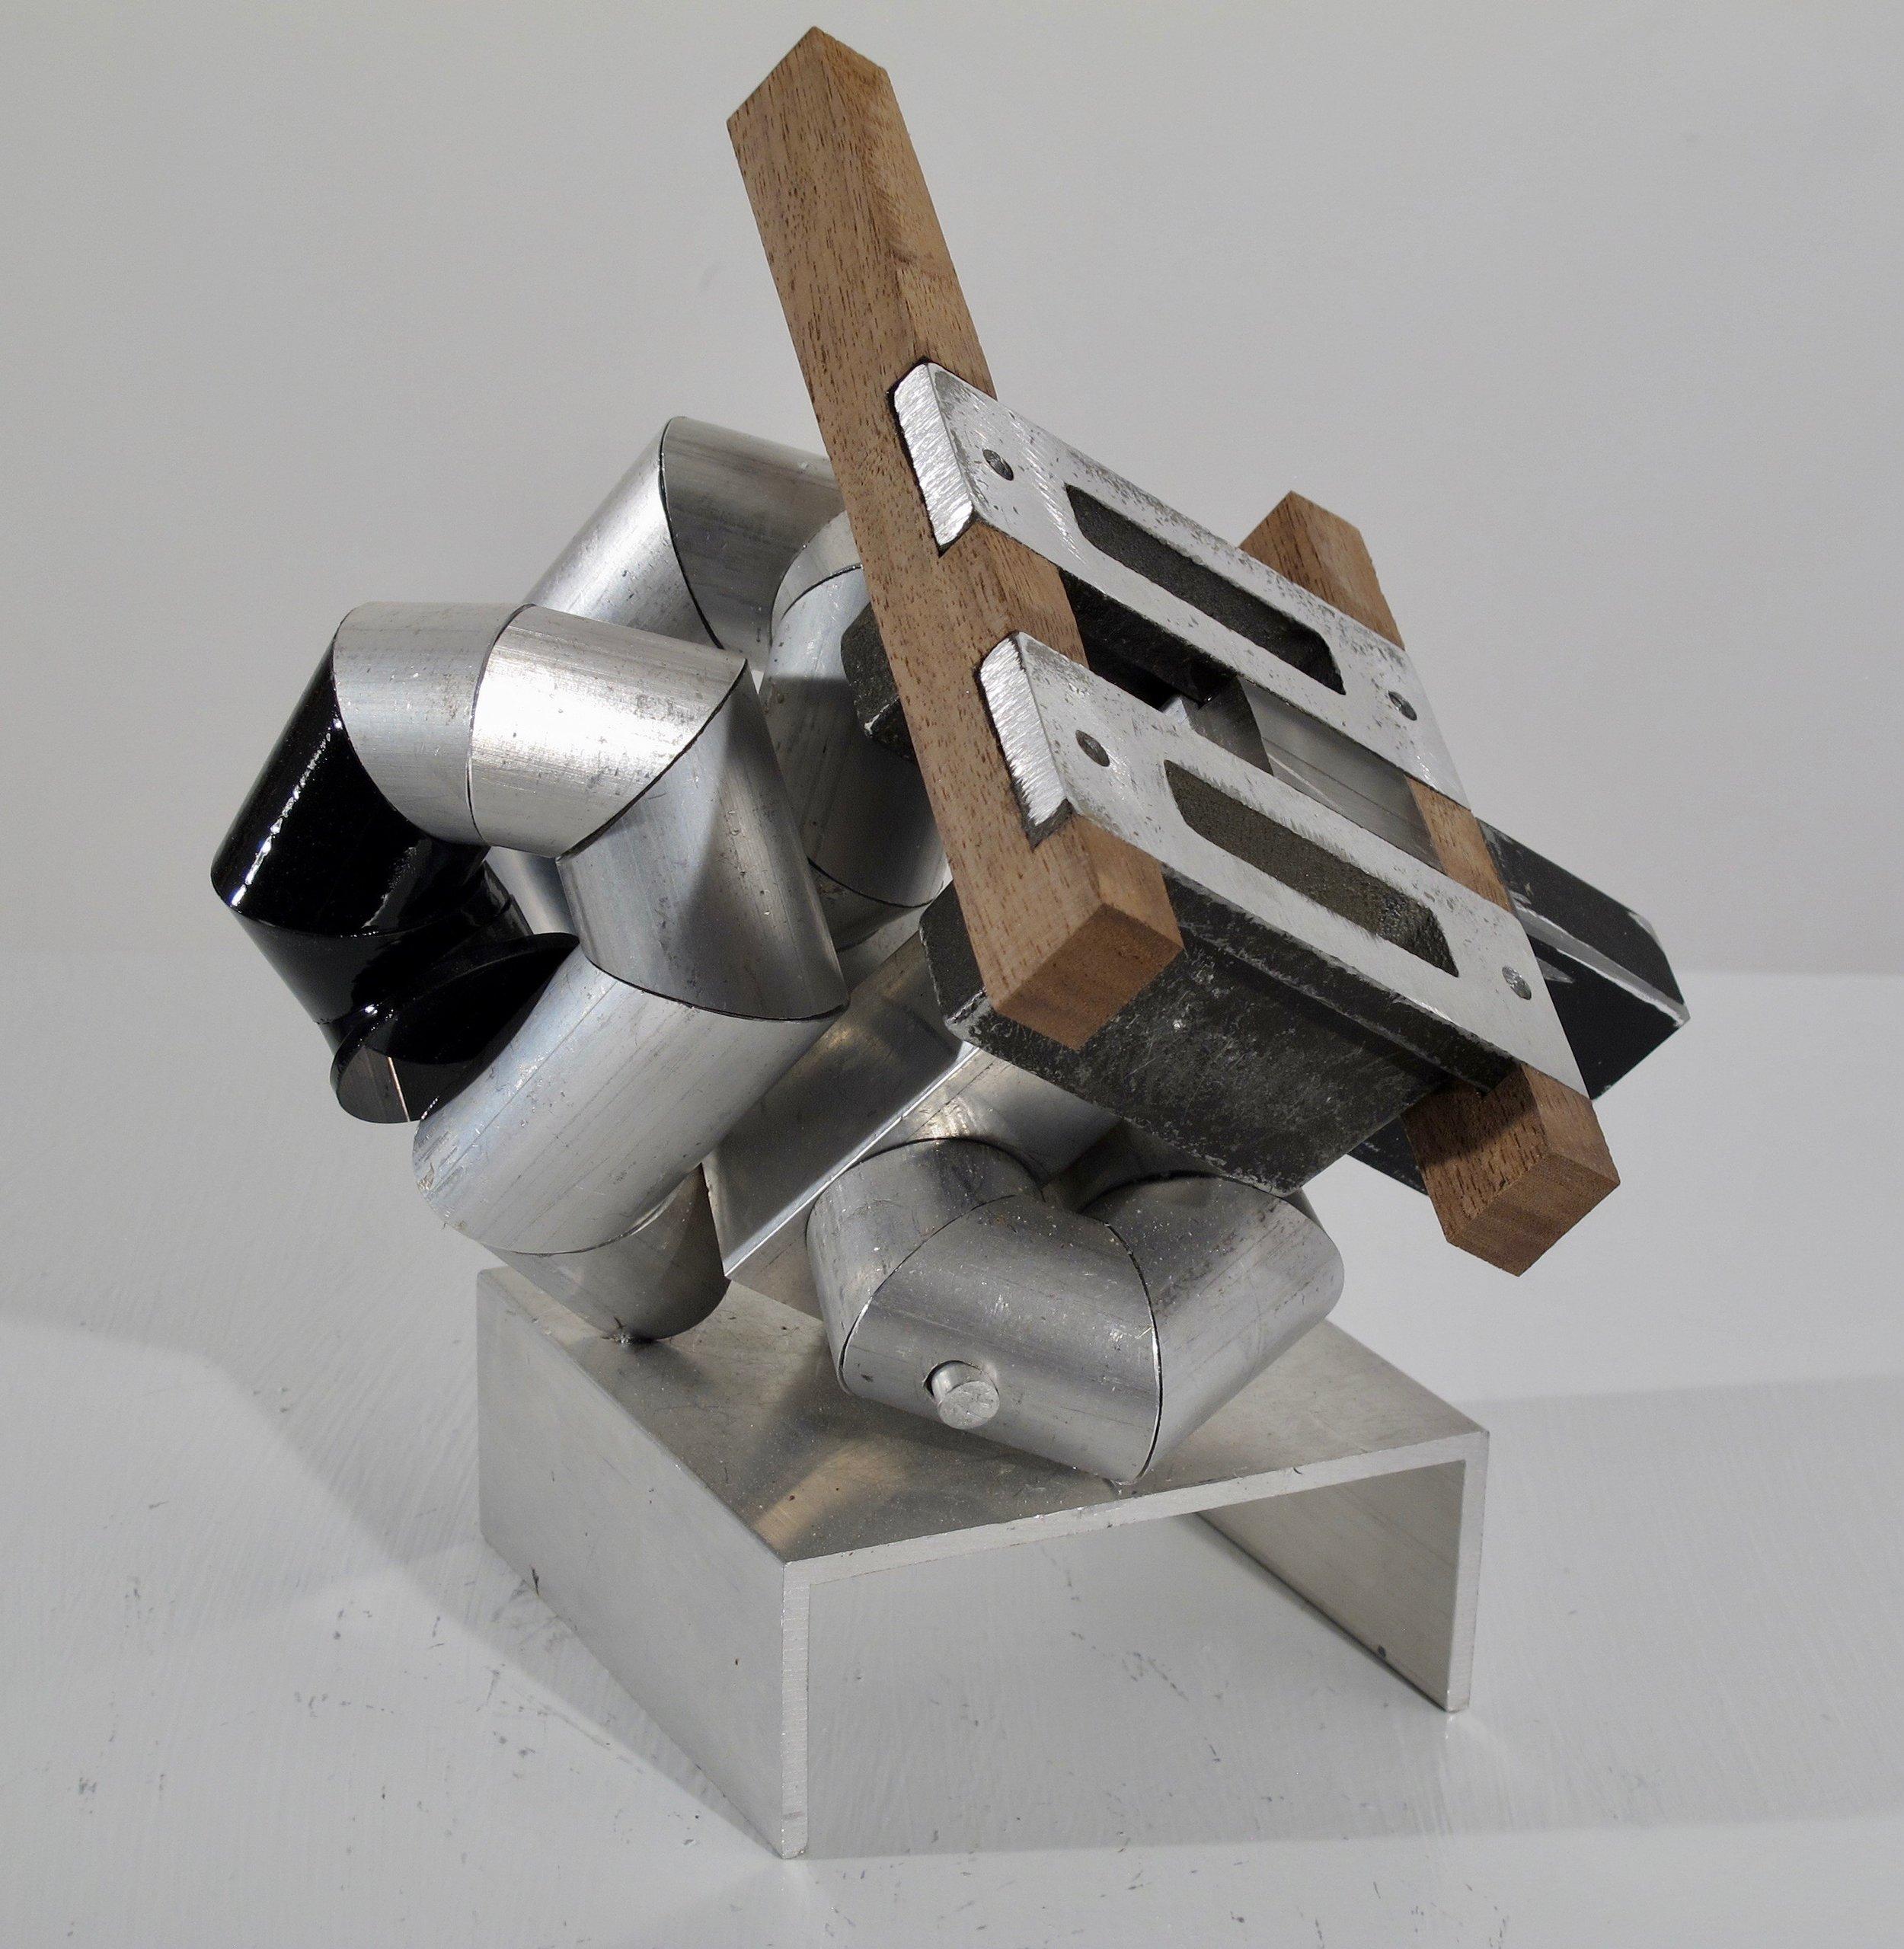 """Maquette 11 , 2019 aluminum + wood 10.5"""" x 9.5"""" x 8"""""""